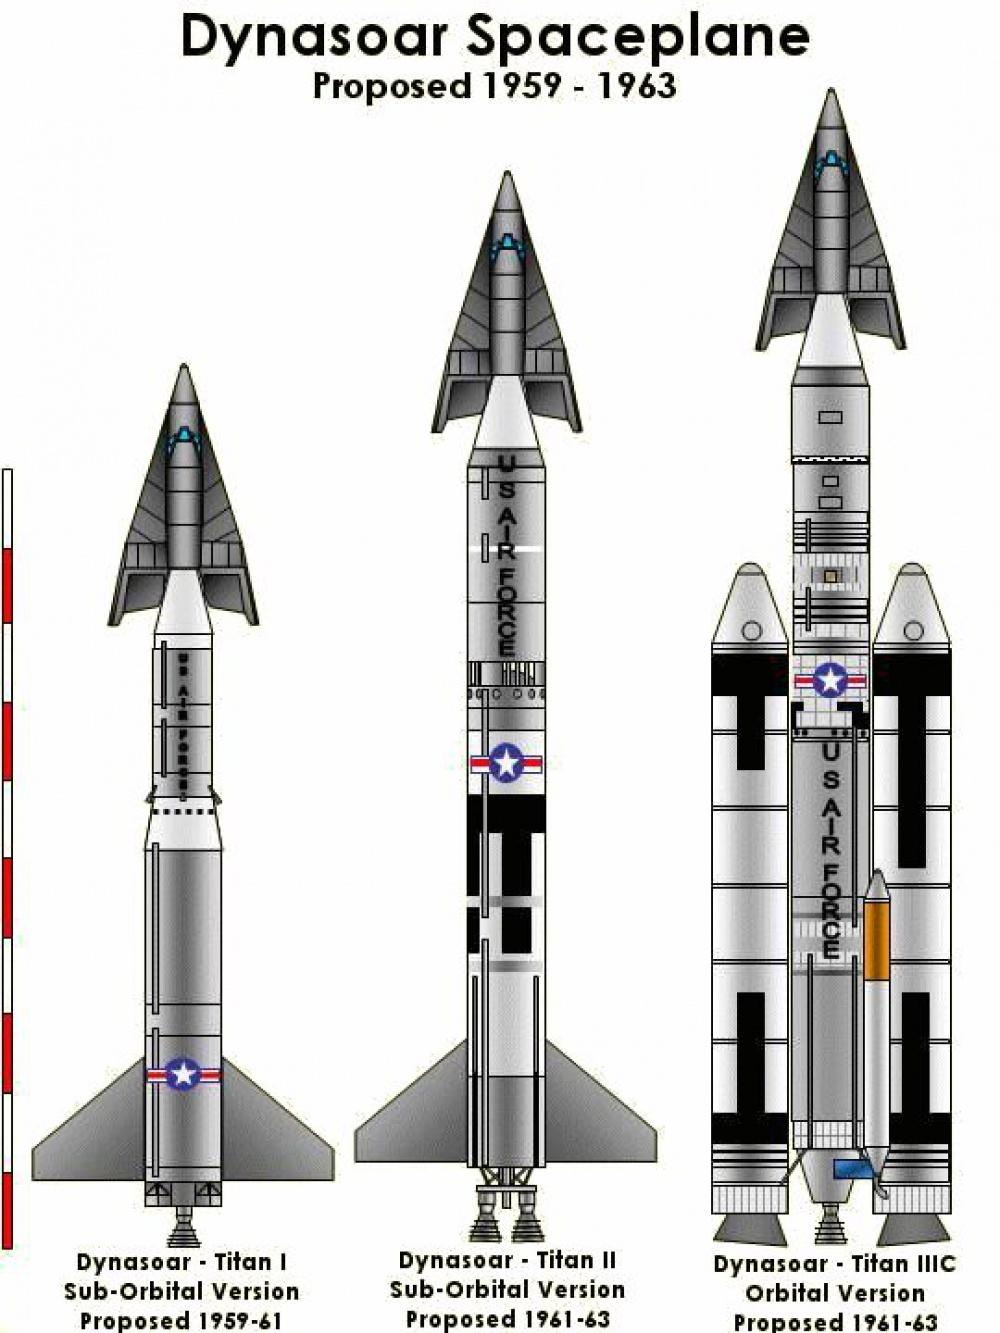 Titan rocket family